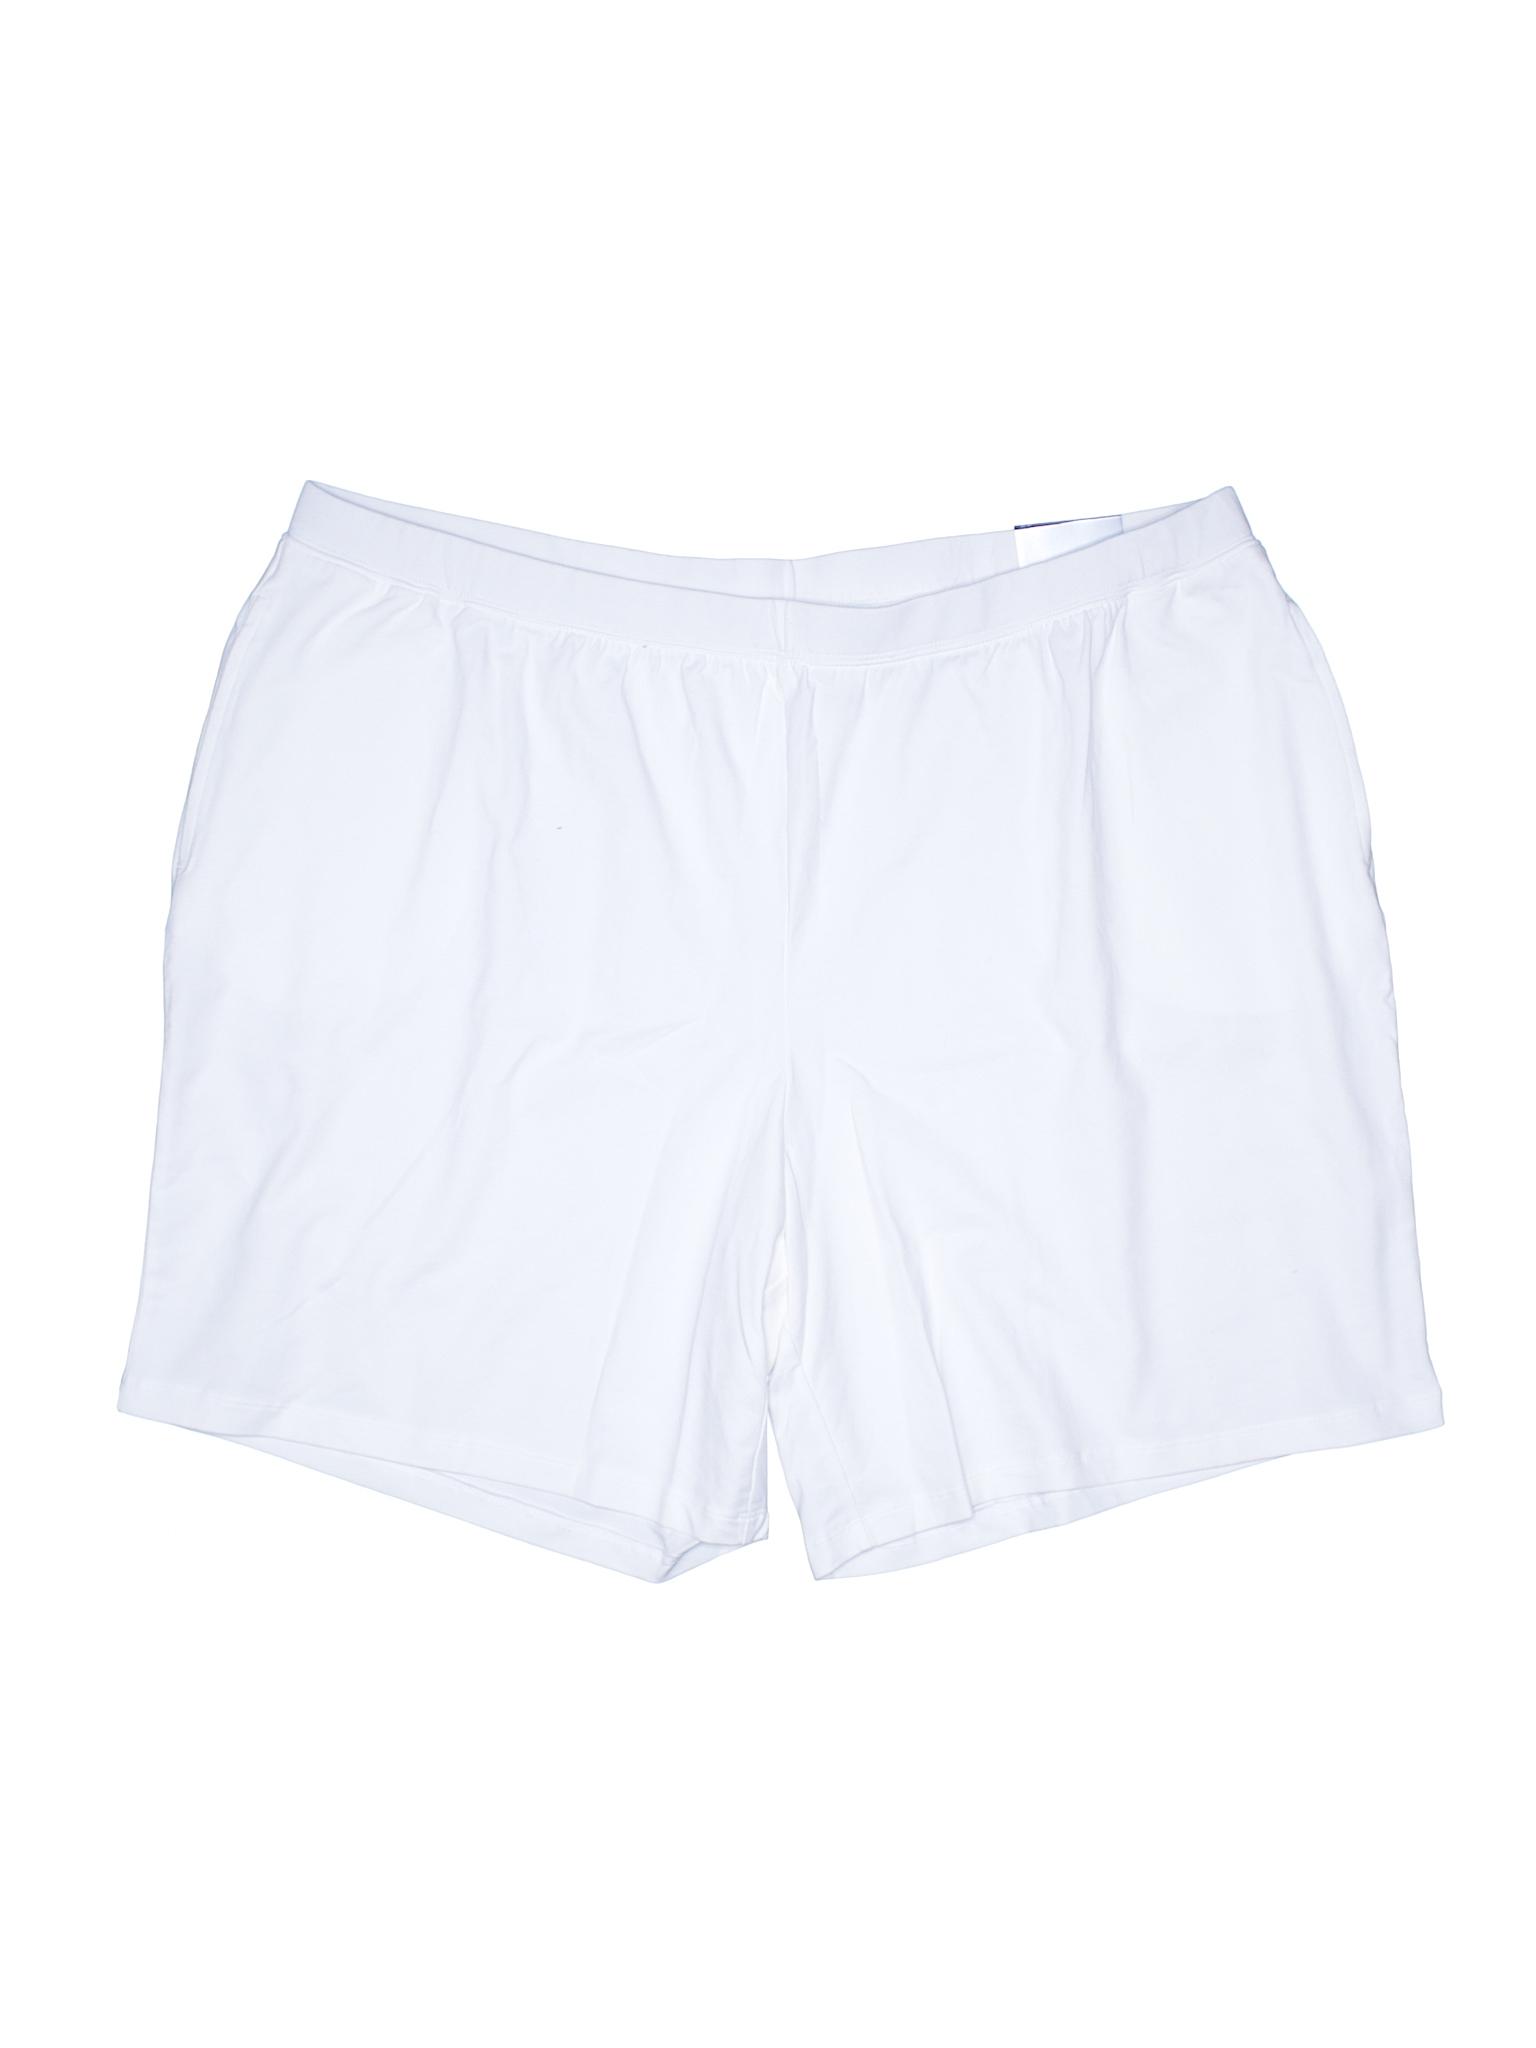 Boutique Catherines leisure leisure Boutique Shorts 1qg7T1rx